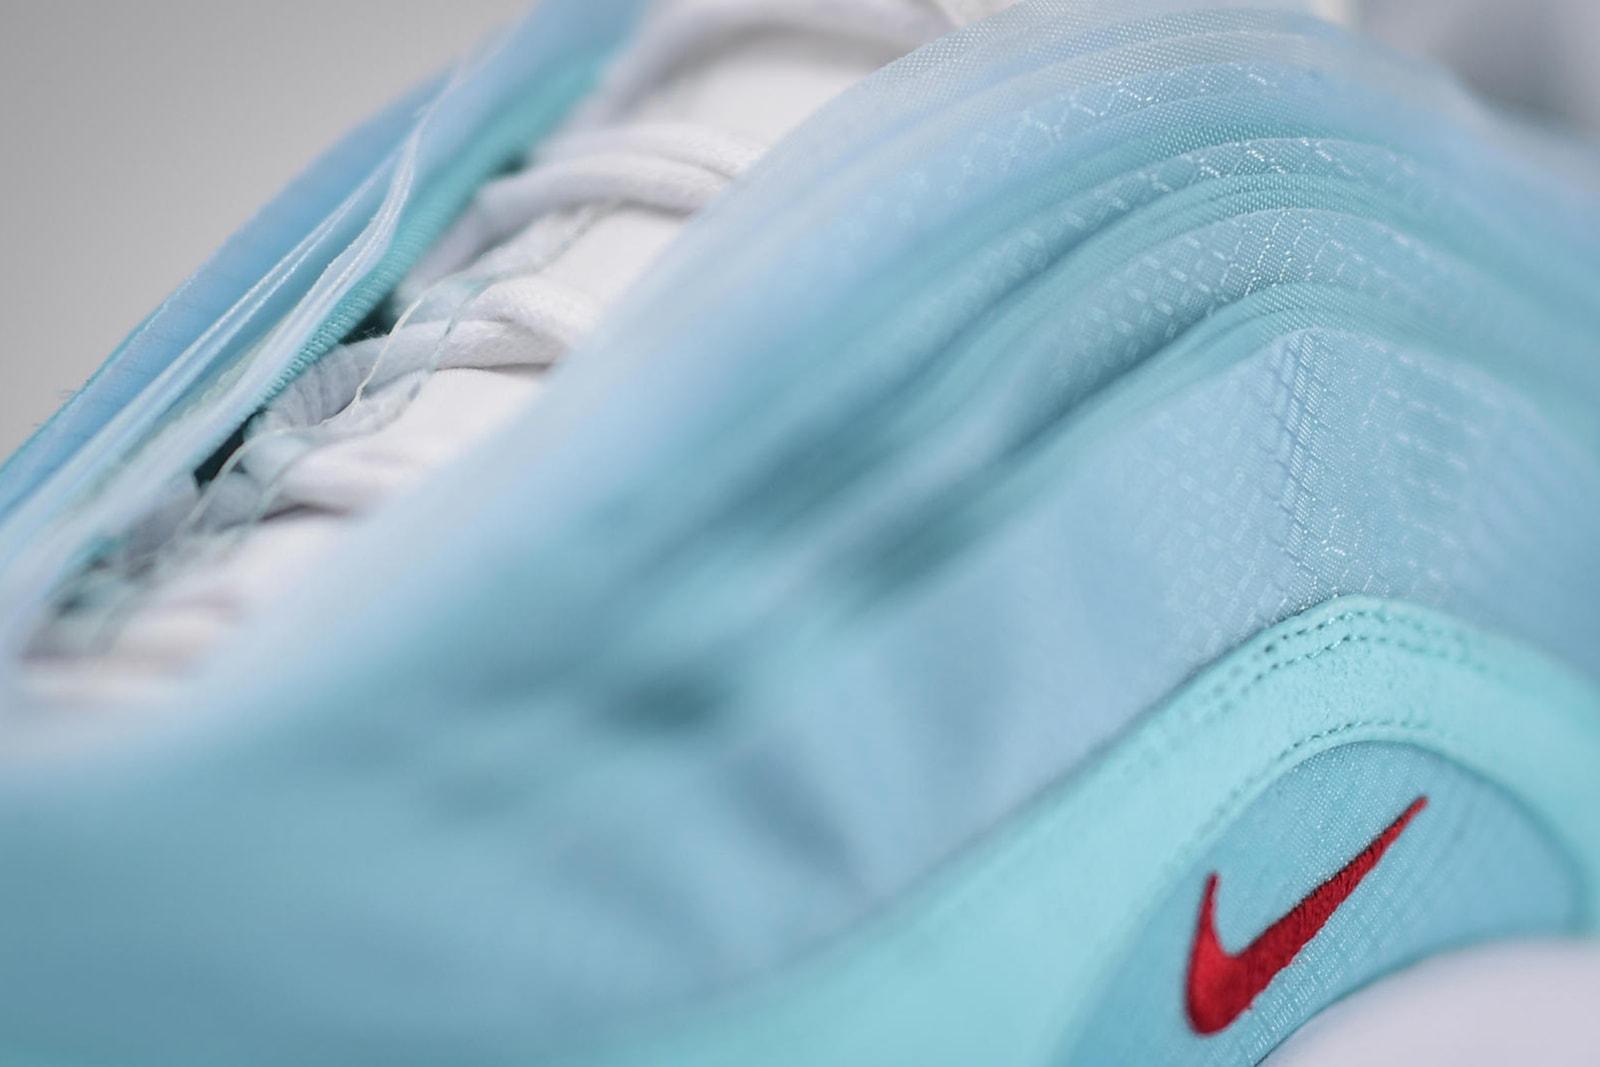 """""""Nike: On Air ナイキ オン エア エアマックス air max 6足 最終 デザイン スニーカー 発売 シューズ"""